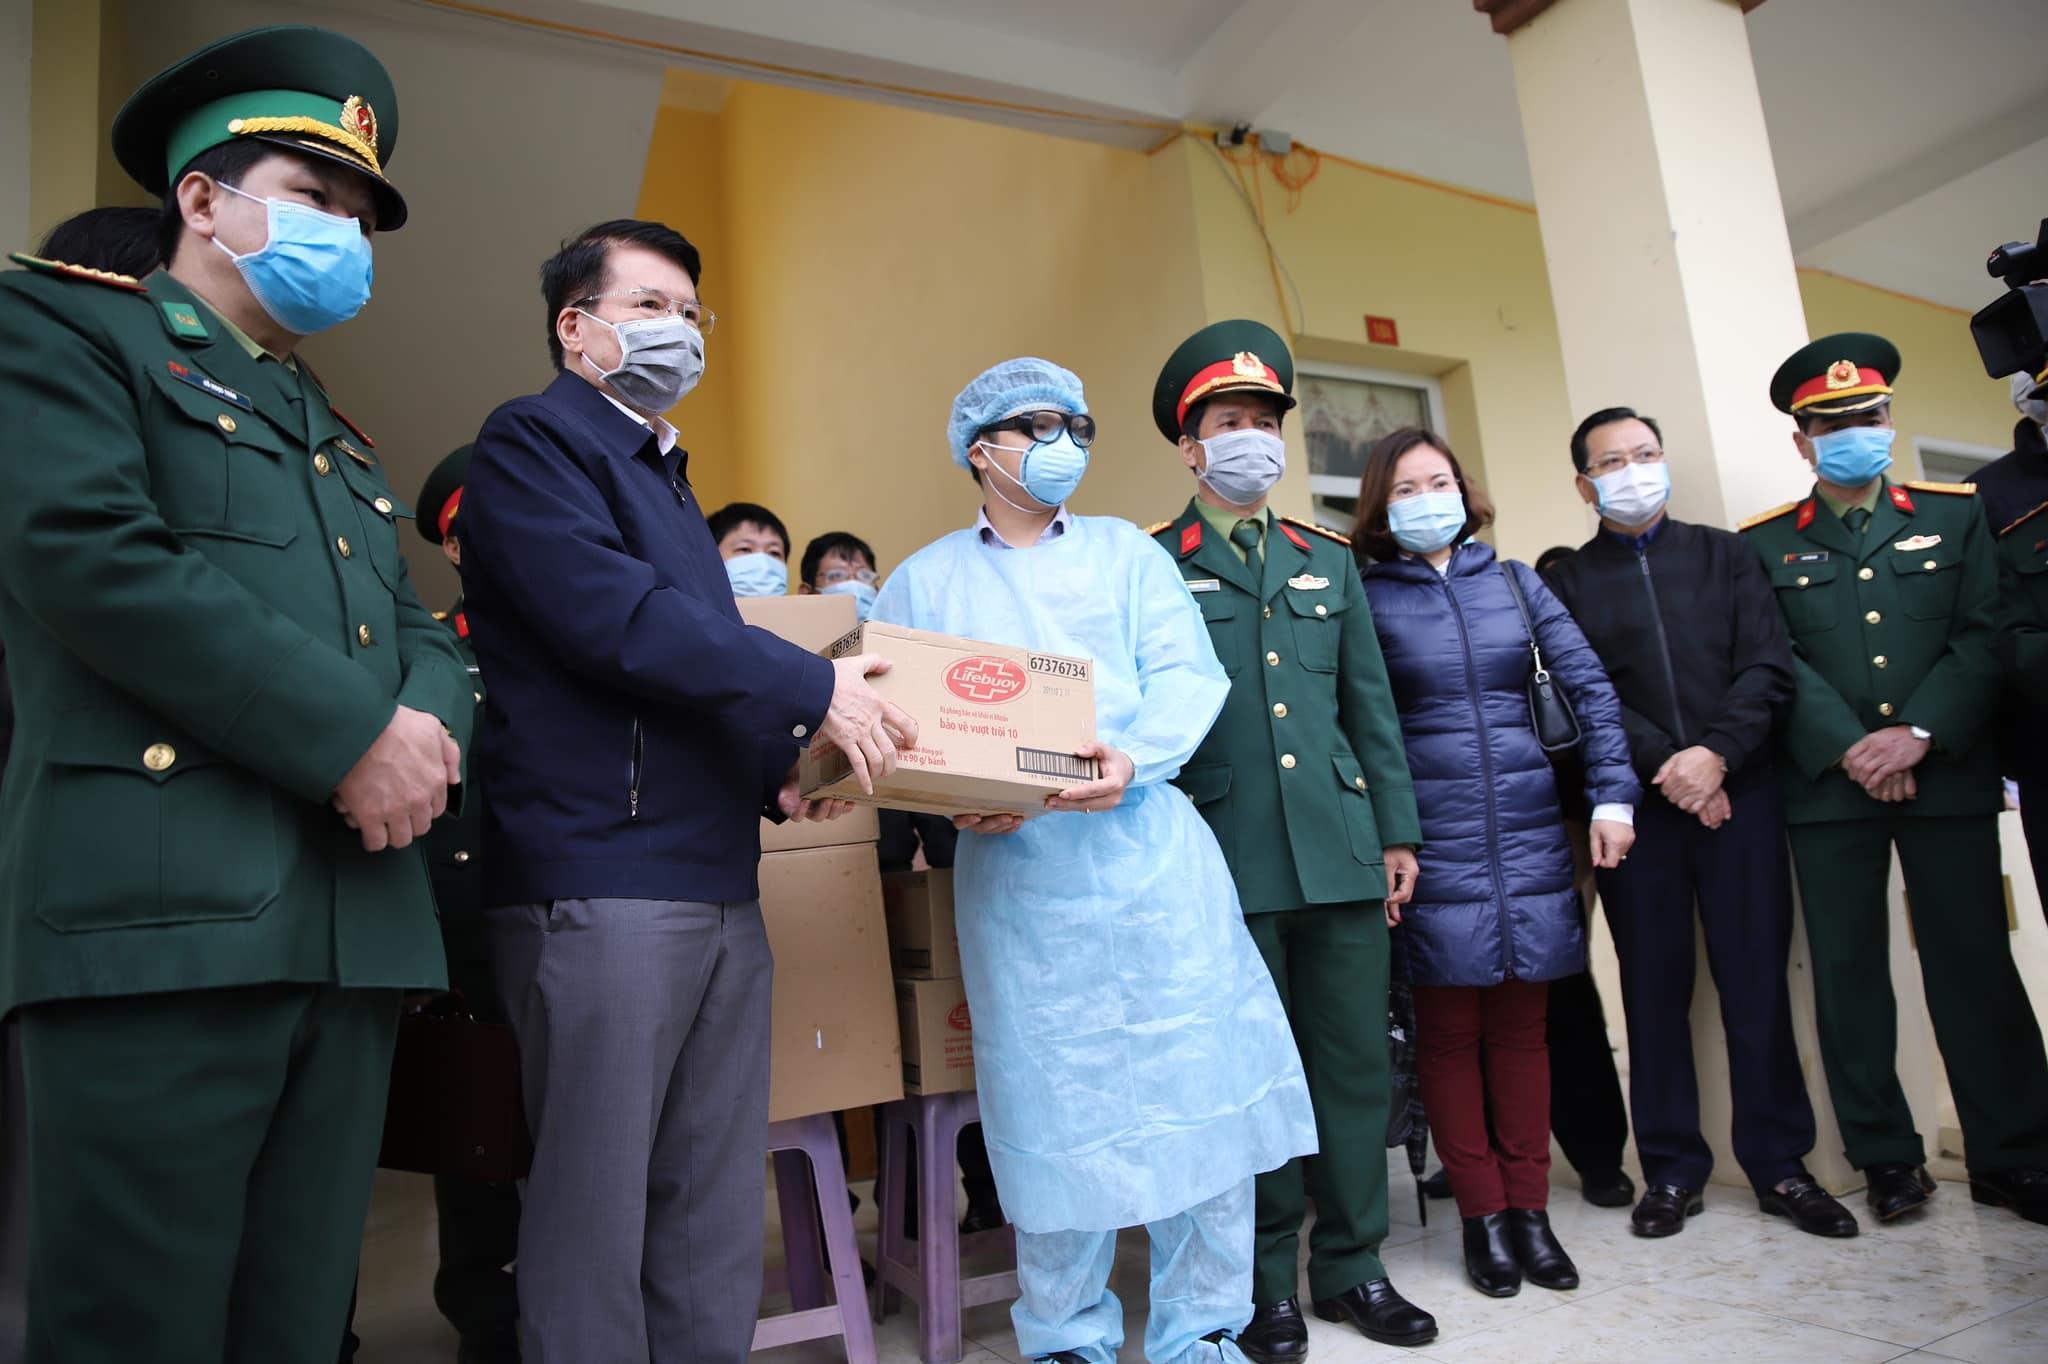 Thứ trưởng Trương Quốc Cường trao tặng khẩu trang và bánh xà phòng rửa tay cho các cán bộ, nhân viên tại Cửa khẩu quốc tế Lào Cai - Hà Khẩu và Trường Quân sự tỉnh.